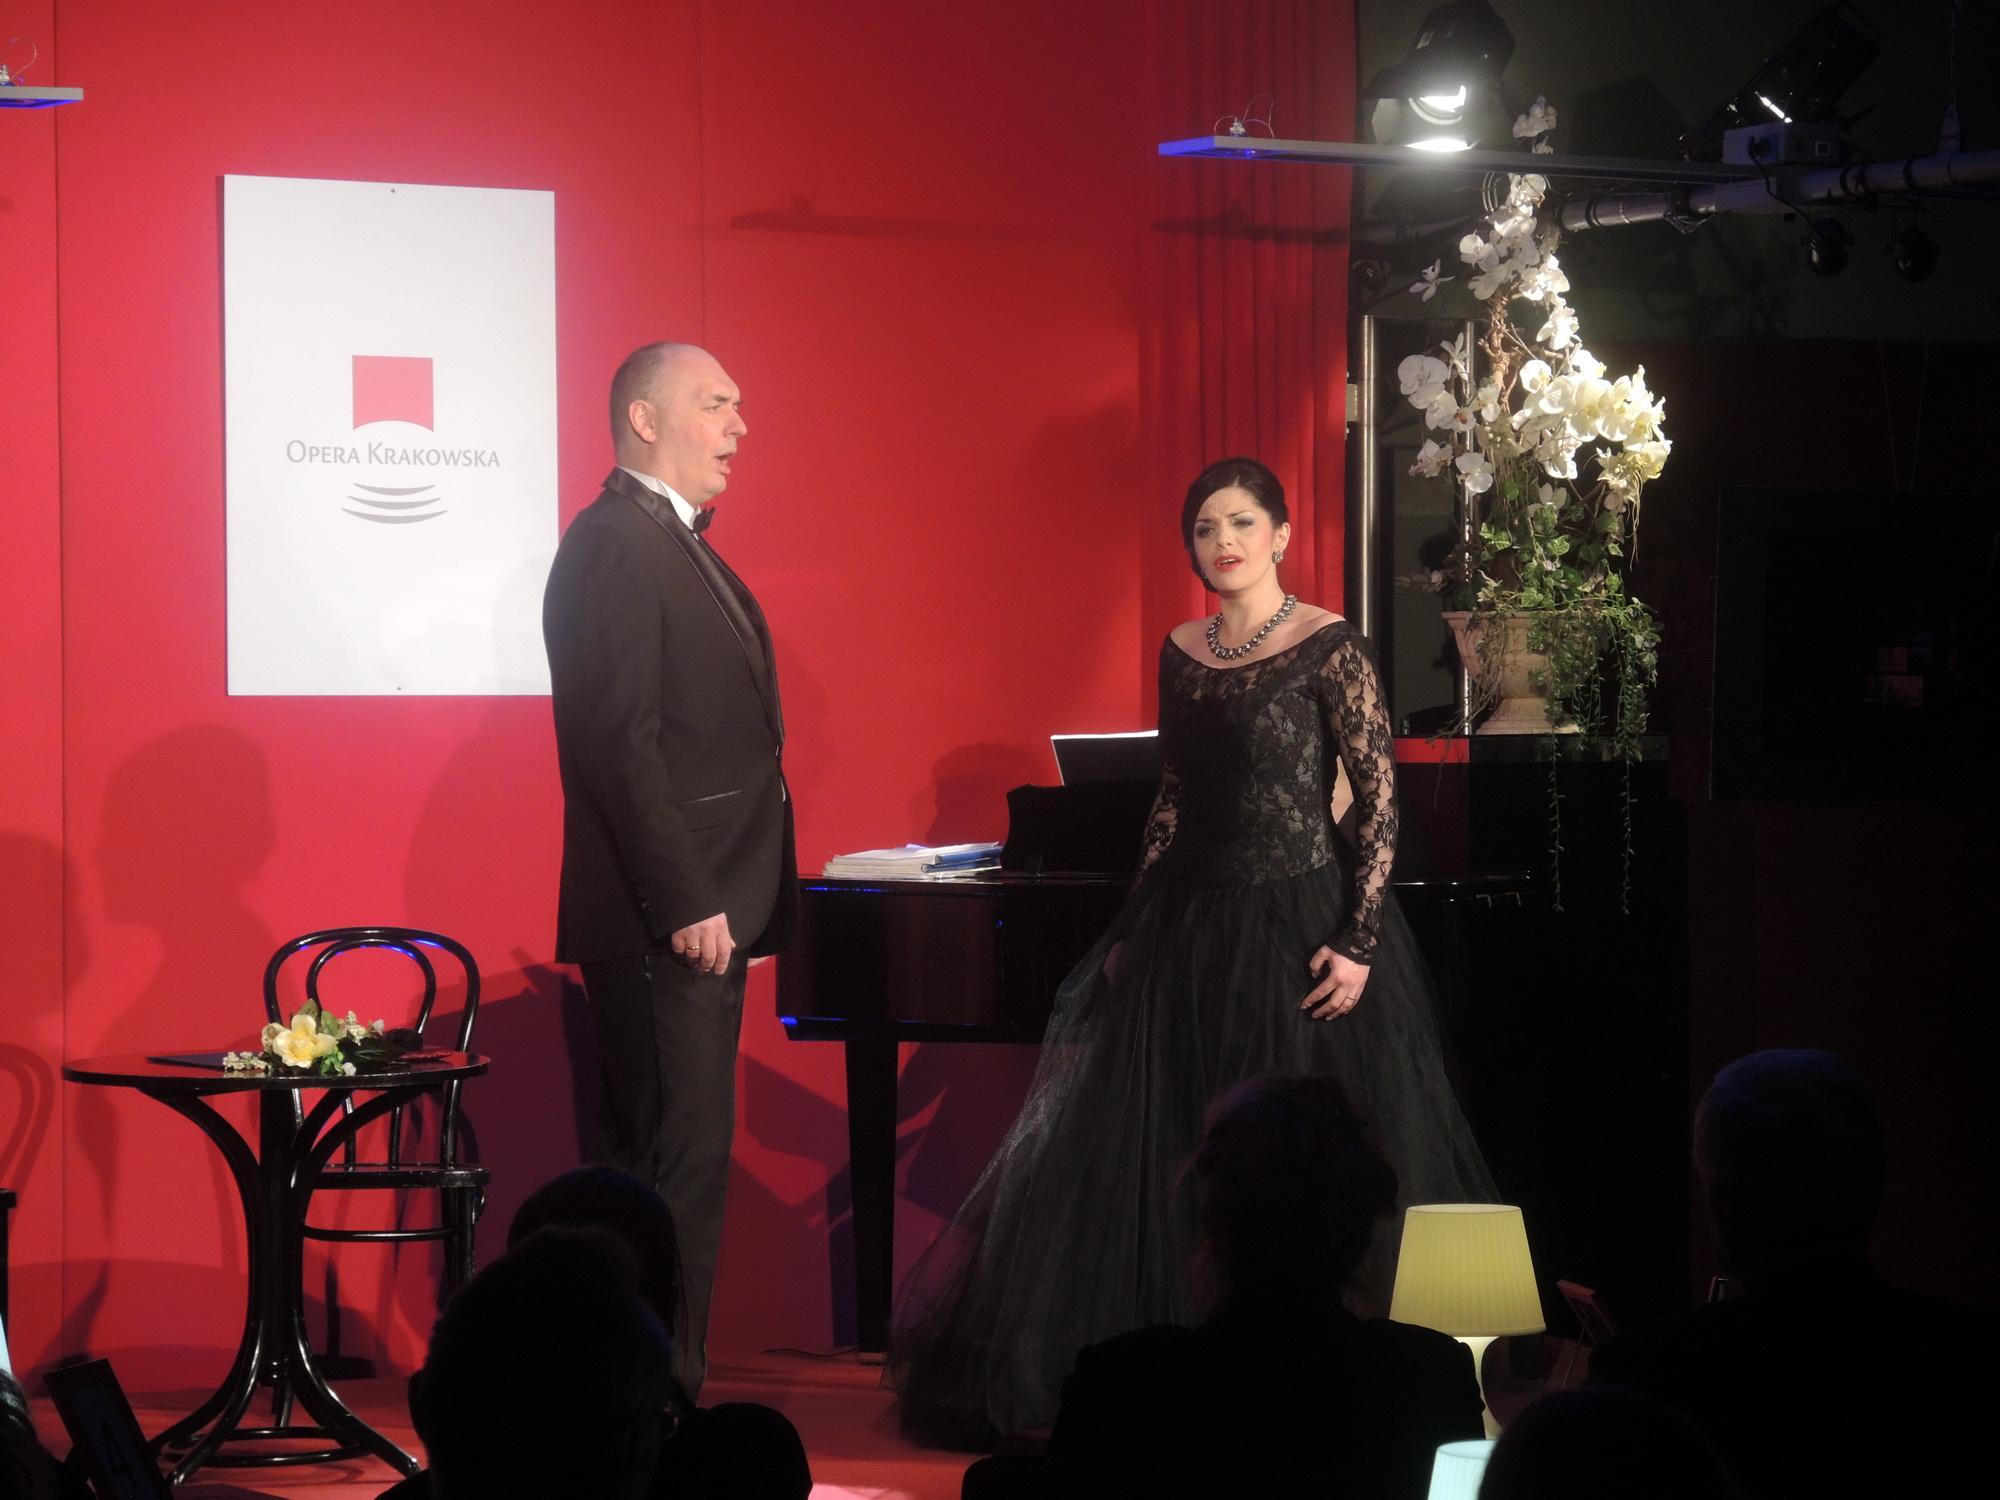 Koncert Viva Opera!, na zdjęciu Iwona Socha i Tomasz Kuk, fot. Archiwum Opery Krakowskiej (źródło: materiały prasowe organizatora)